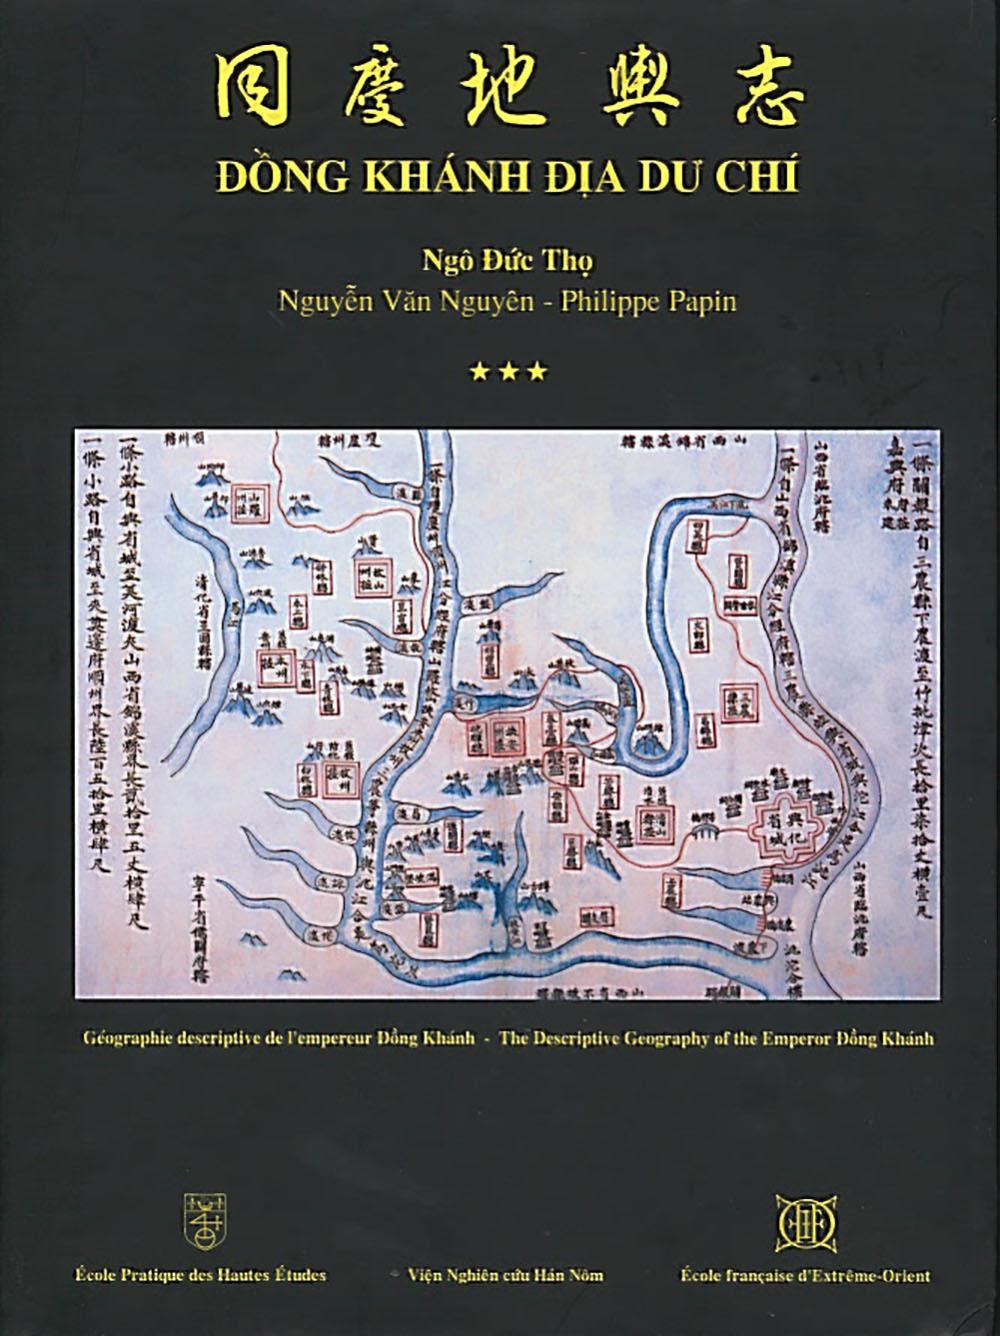 Dò̂ng Khánh đia dư chí = Géographie descriptive de l'empereur Dong Khanh = The descriptive geography of the Emperor Dong Khanh